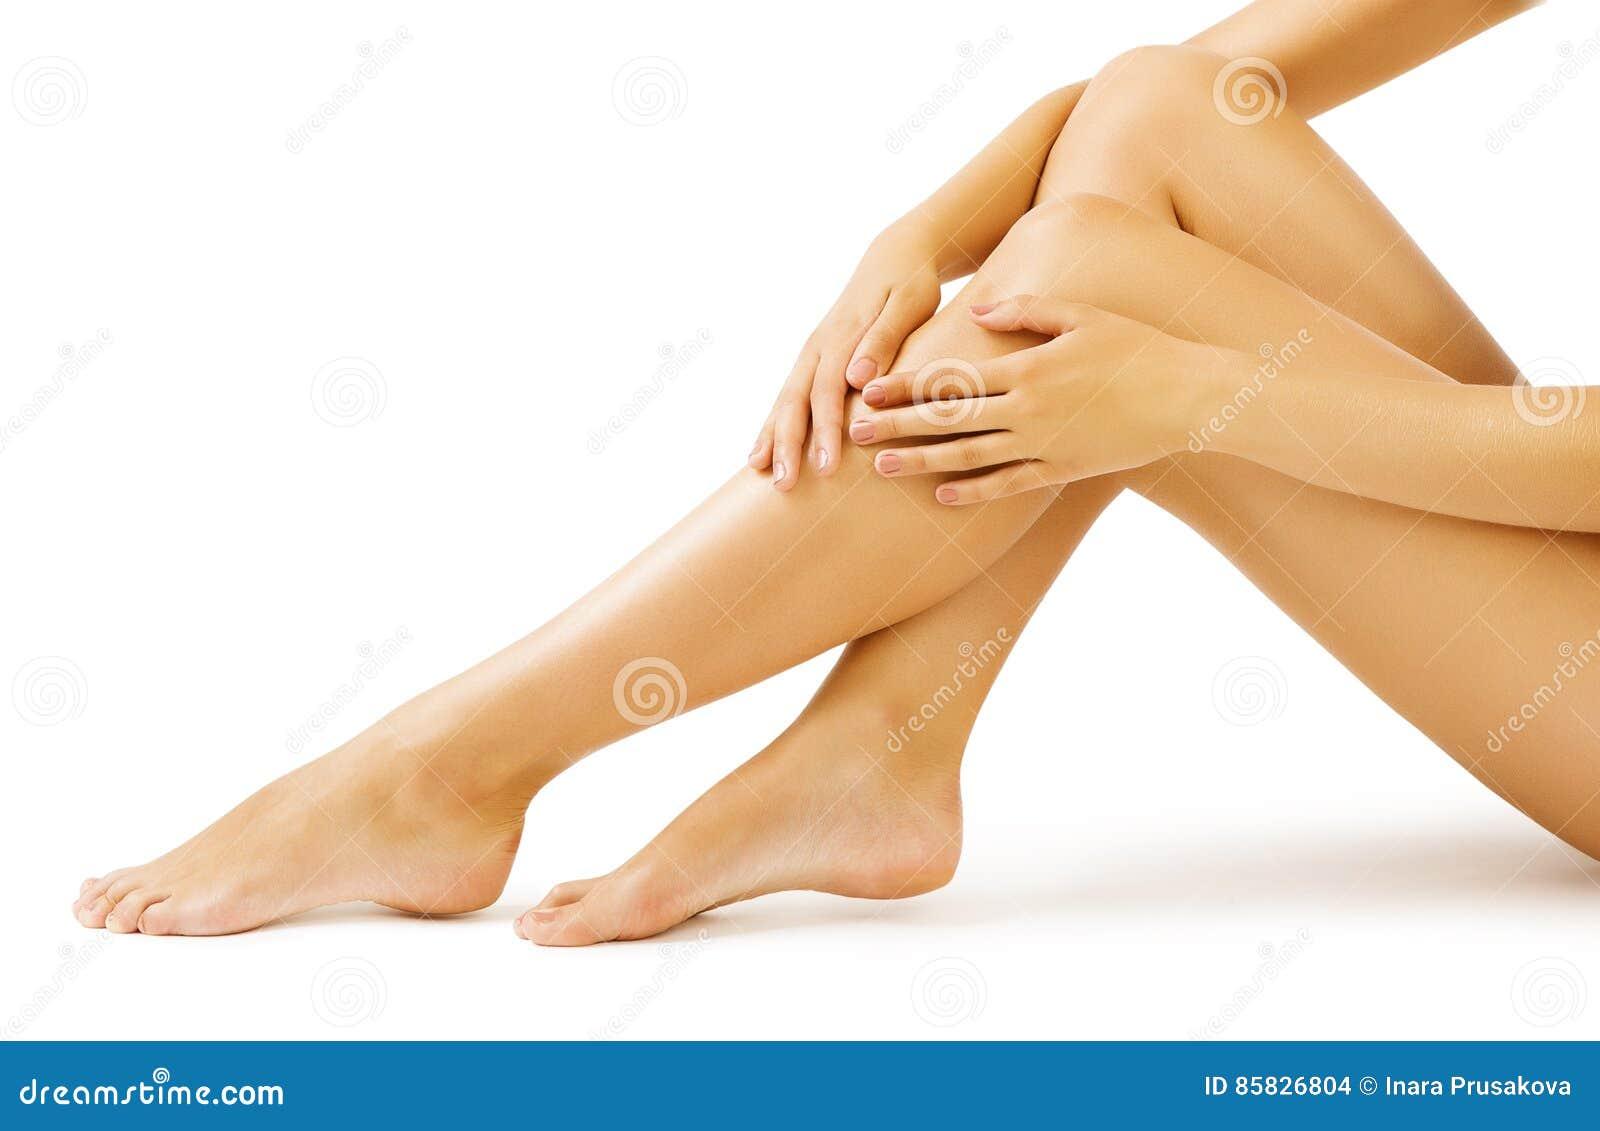 Pelle della gamba della donna, massaggio del corpo e cura di pelle delle gambe, bianco isolati